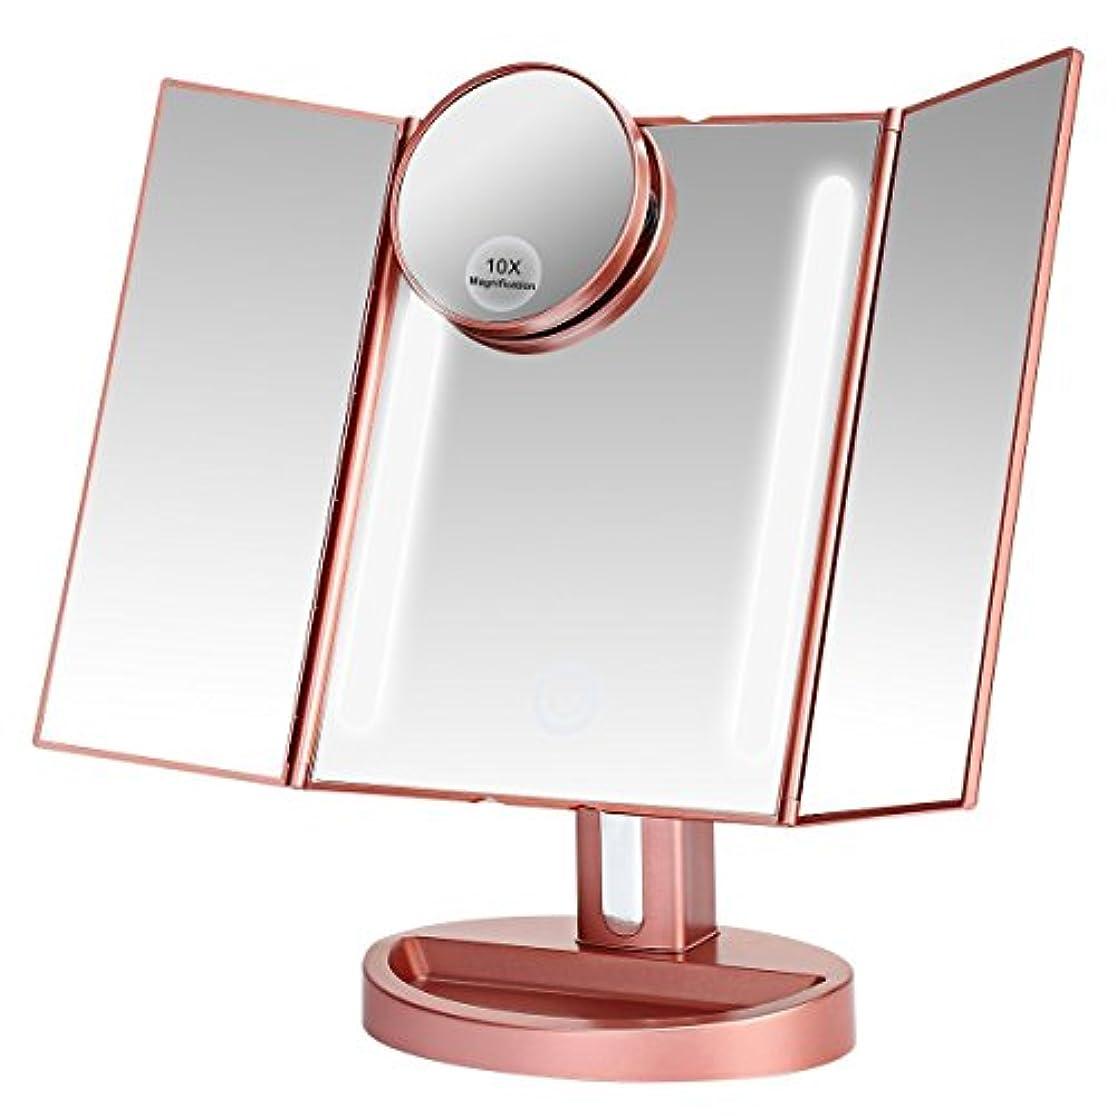 コンピューターゲームをプレイする解釈ちょうつがいLEEPWEI 化粧鏡  LED三面鏡 折りたたみ式 10倍拡大鏡付き 明るさ調節 180度回転